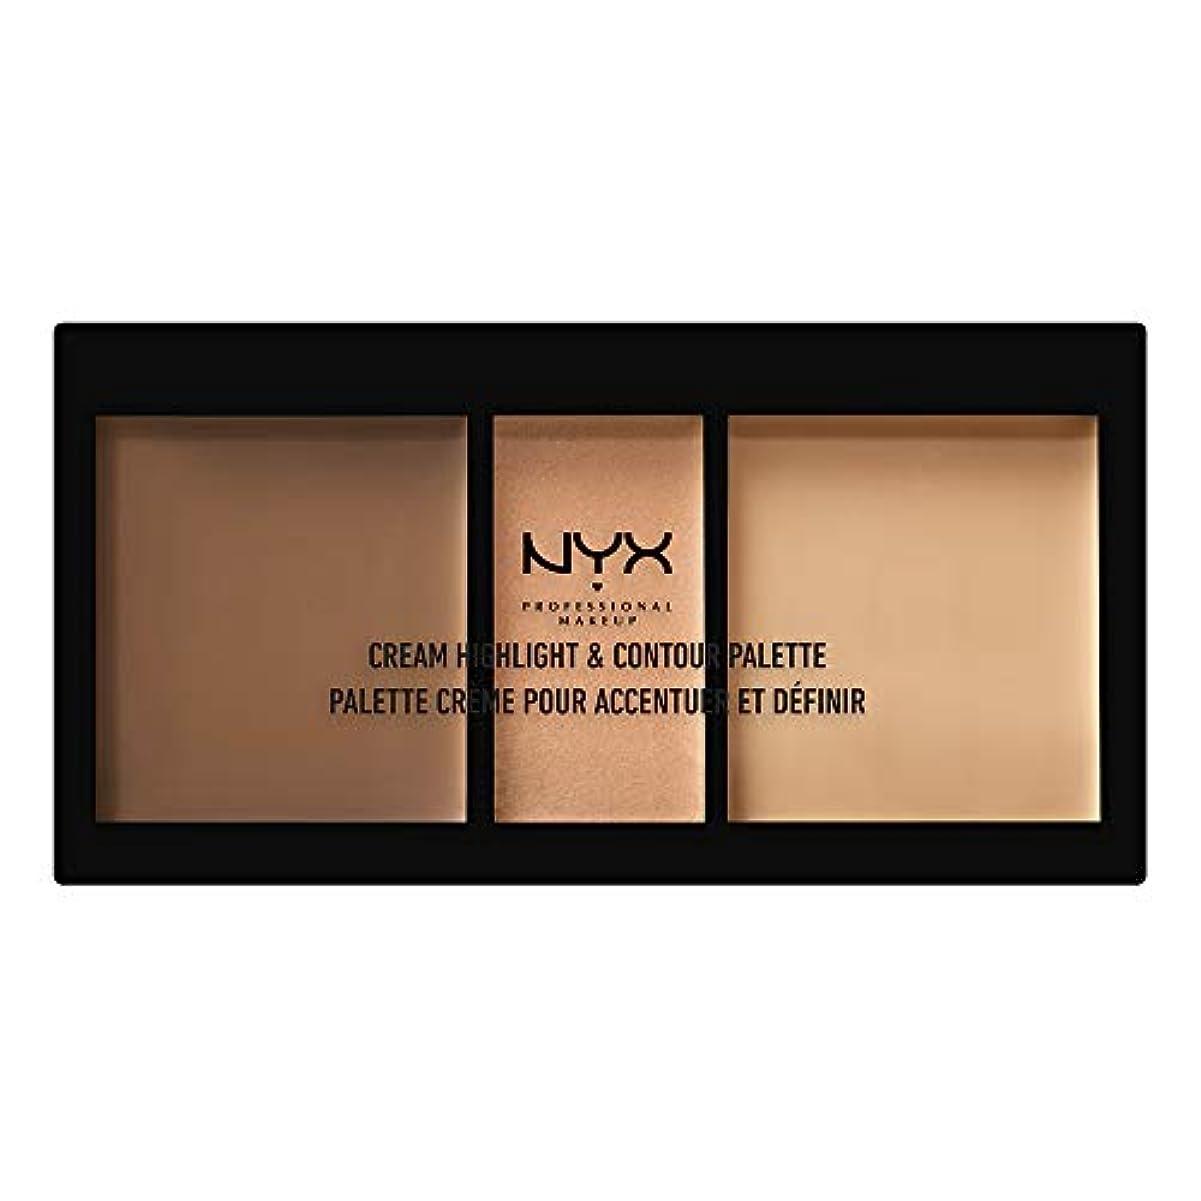 診断するまともな副NYX(ニックス) クリーム ハイライト&コントゥアー パレット 02 カラーミディアム